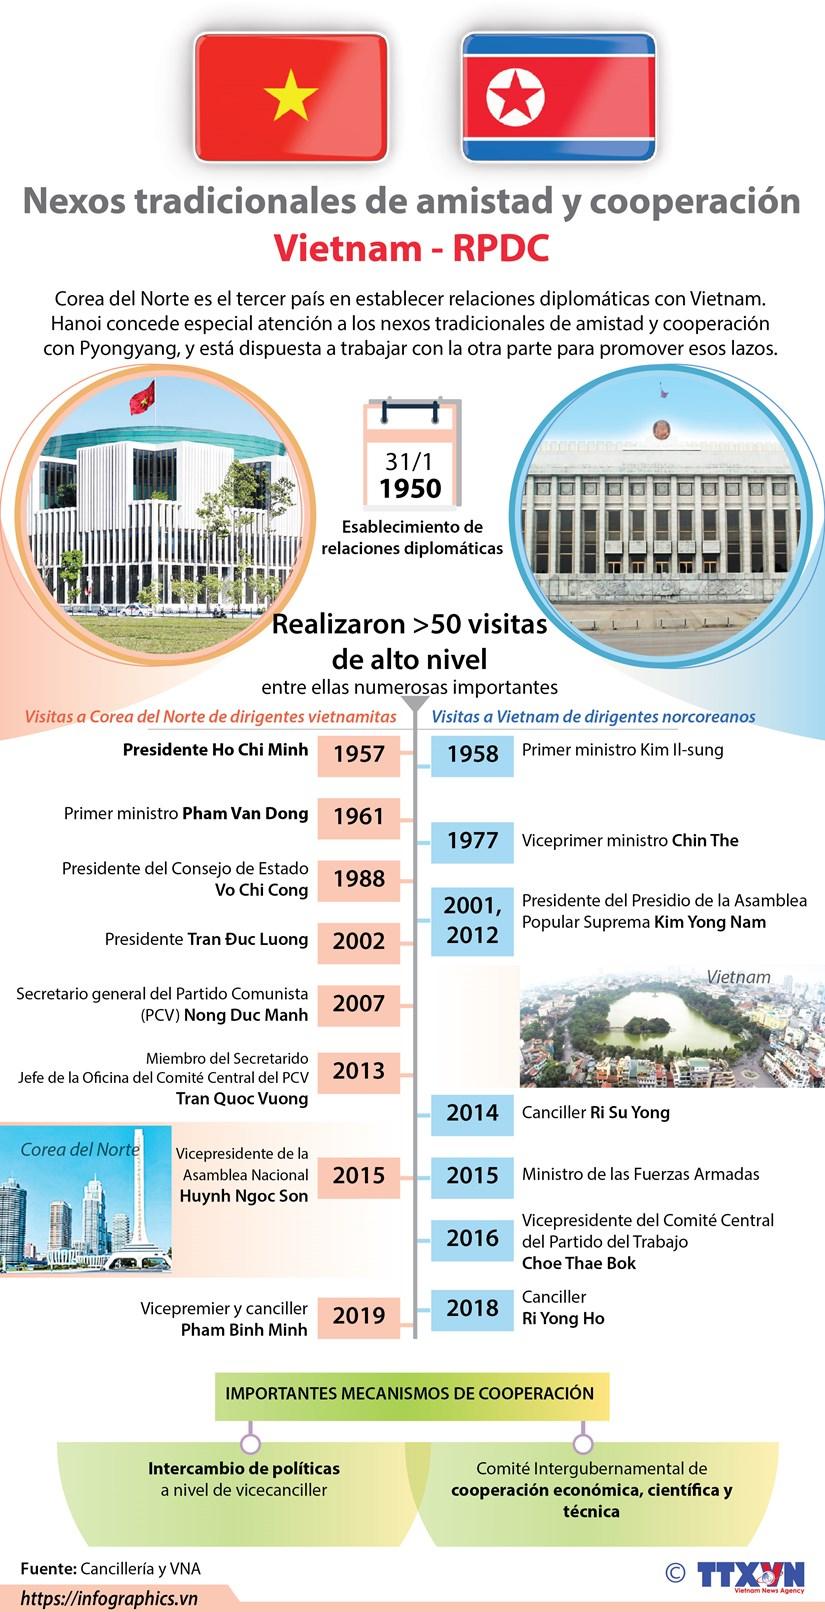 [Infografia] Relaciones tradicionales de amistad y cooperacion Vietnam-RPDC hinh anh 1